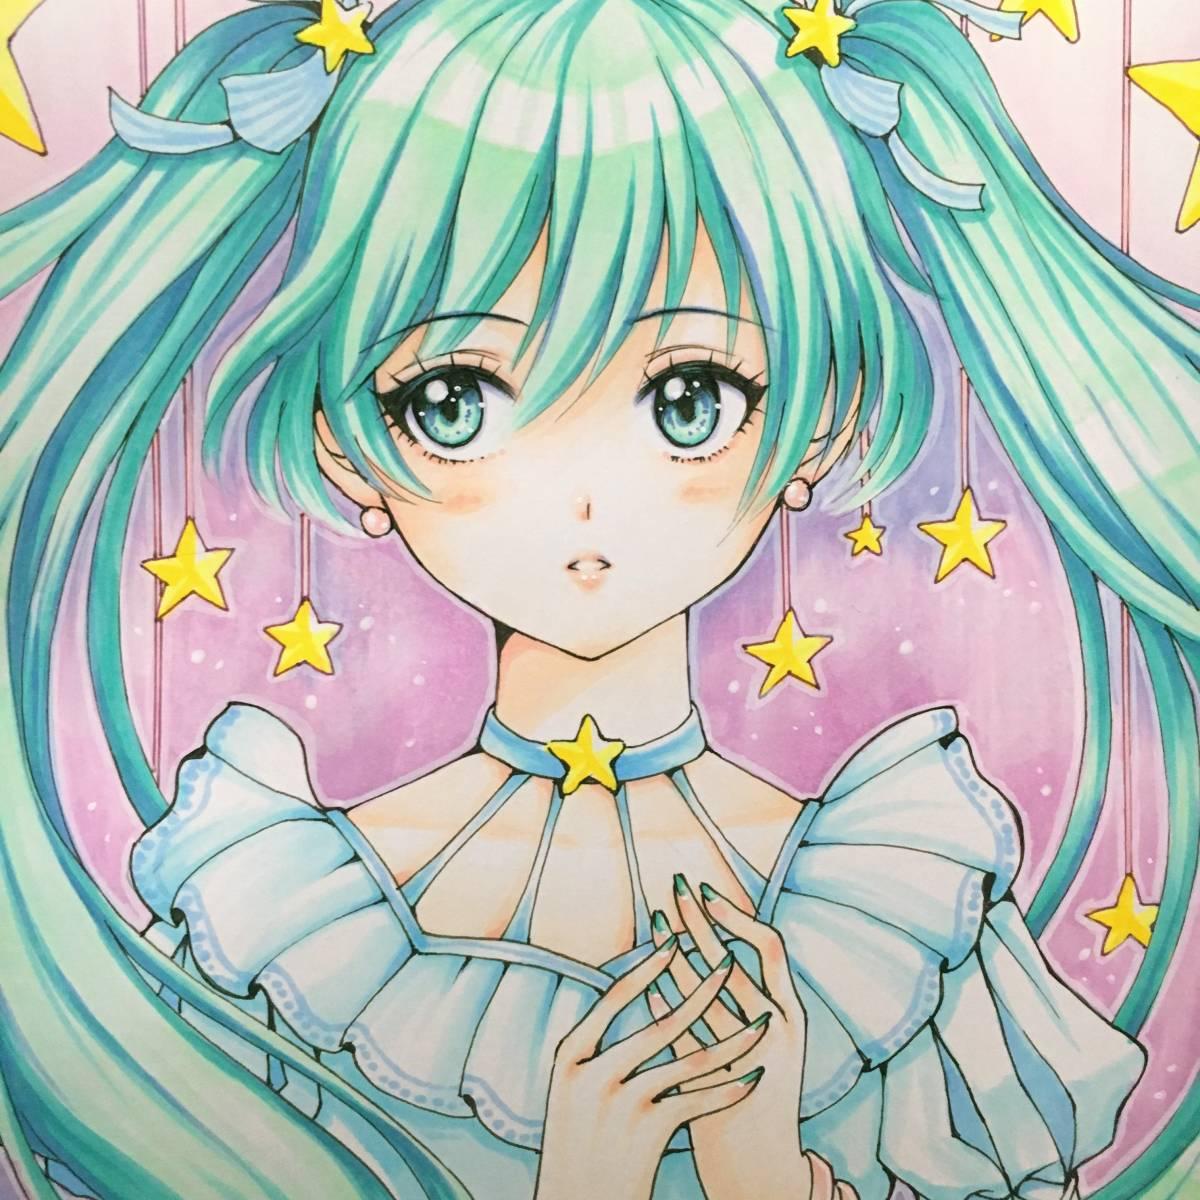 A4【初音ミク】Hatsune Miku ★同人手描きイラスト★星_画像4